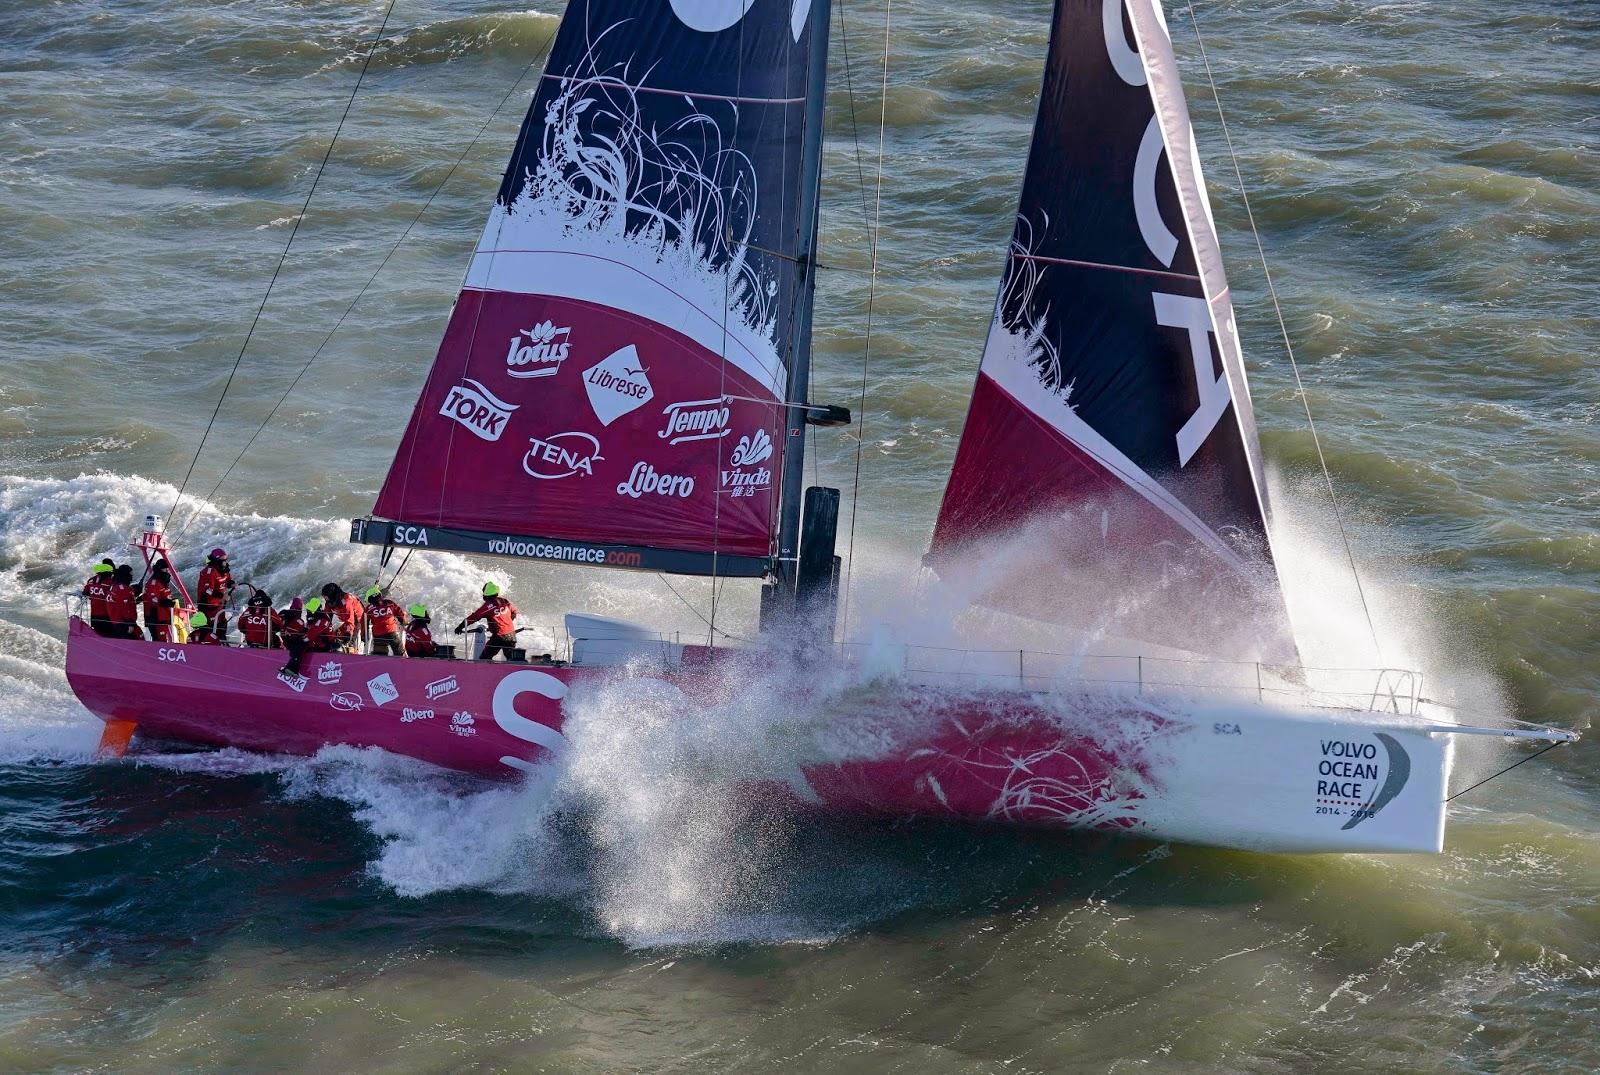 El Team SCA liderando esta Volvo Ocean Race 2014 2015